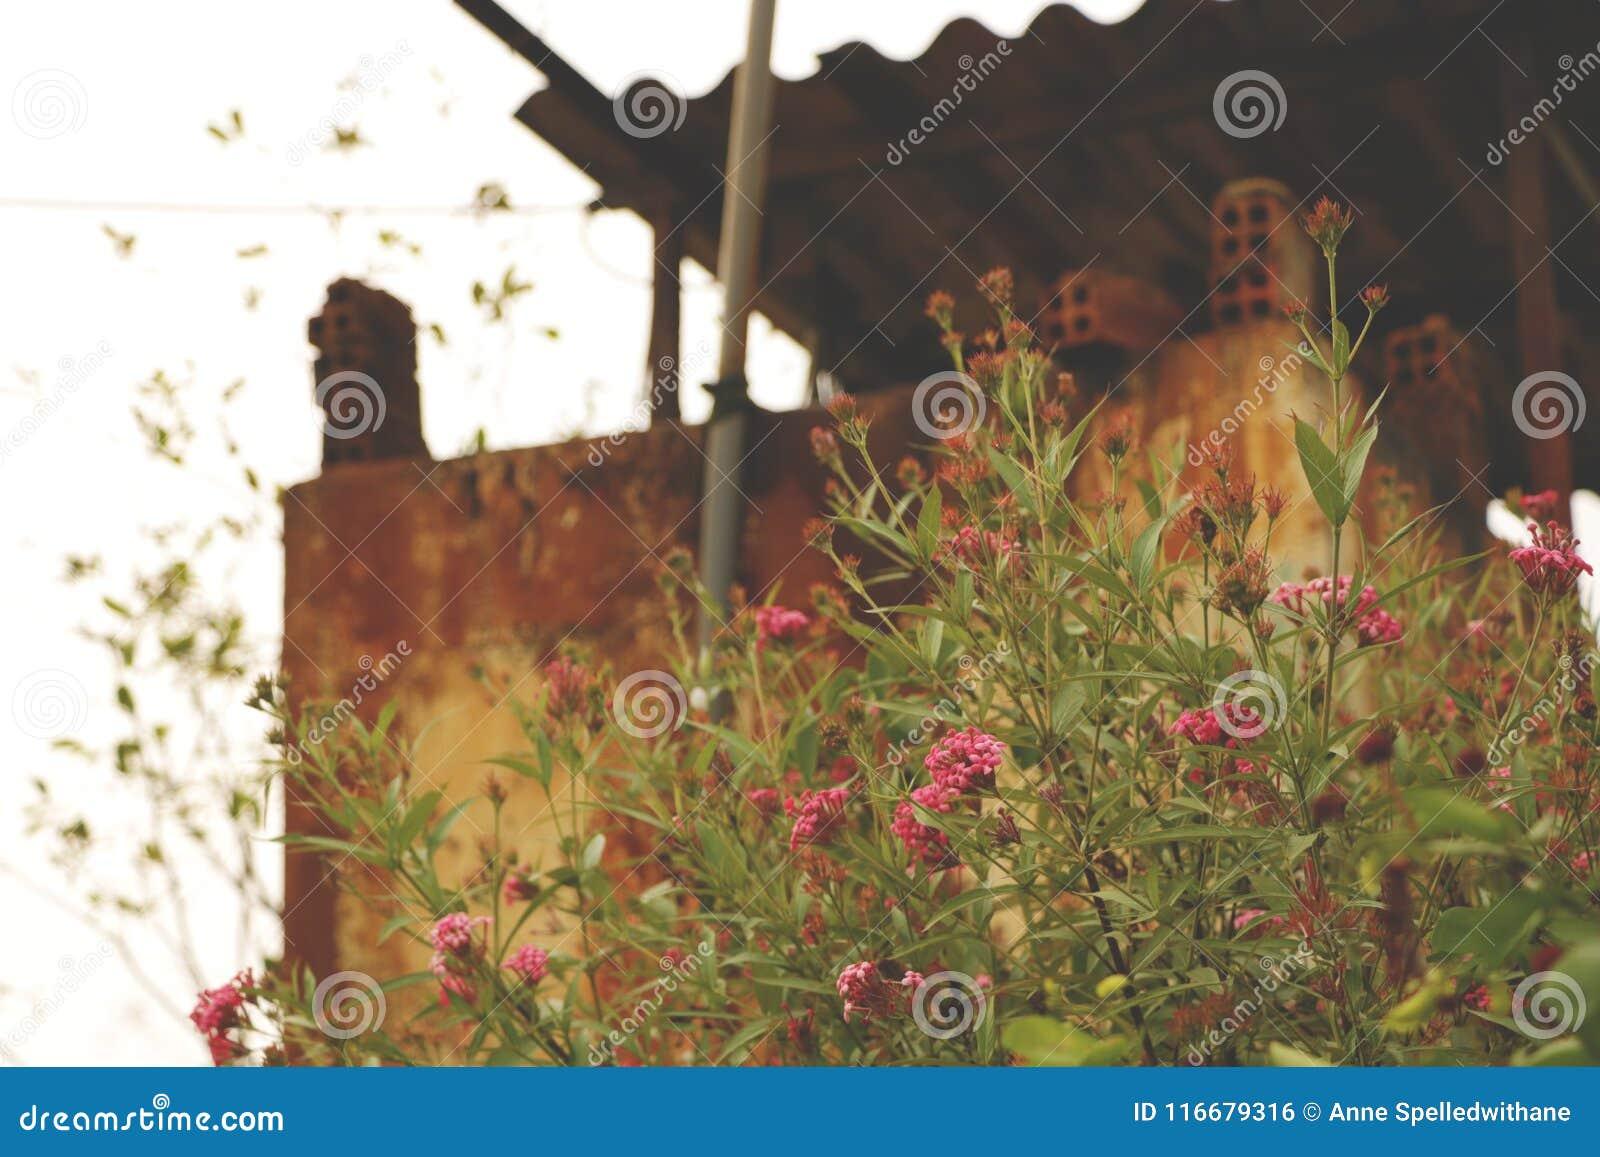 Uitstekende Oud goed met Roze Wilde Bloemen - Rusty Wall Texture